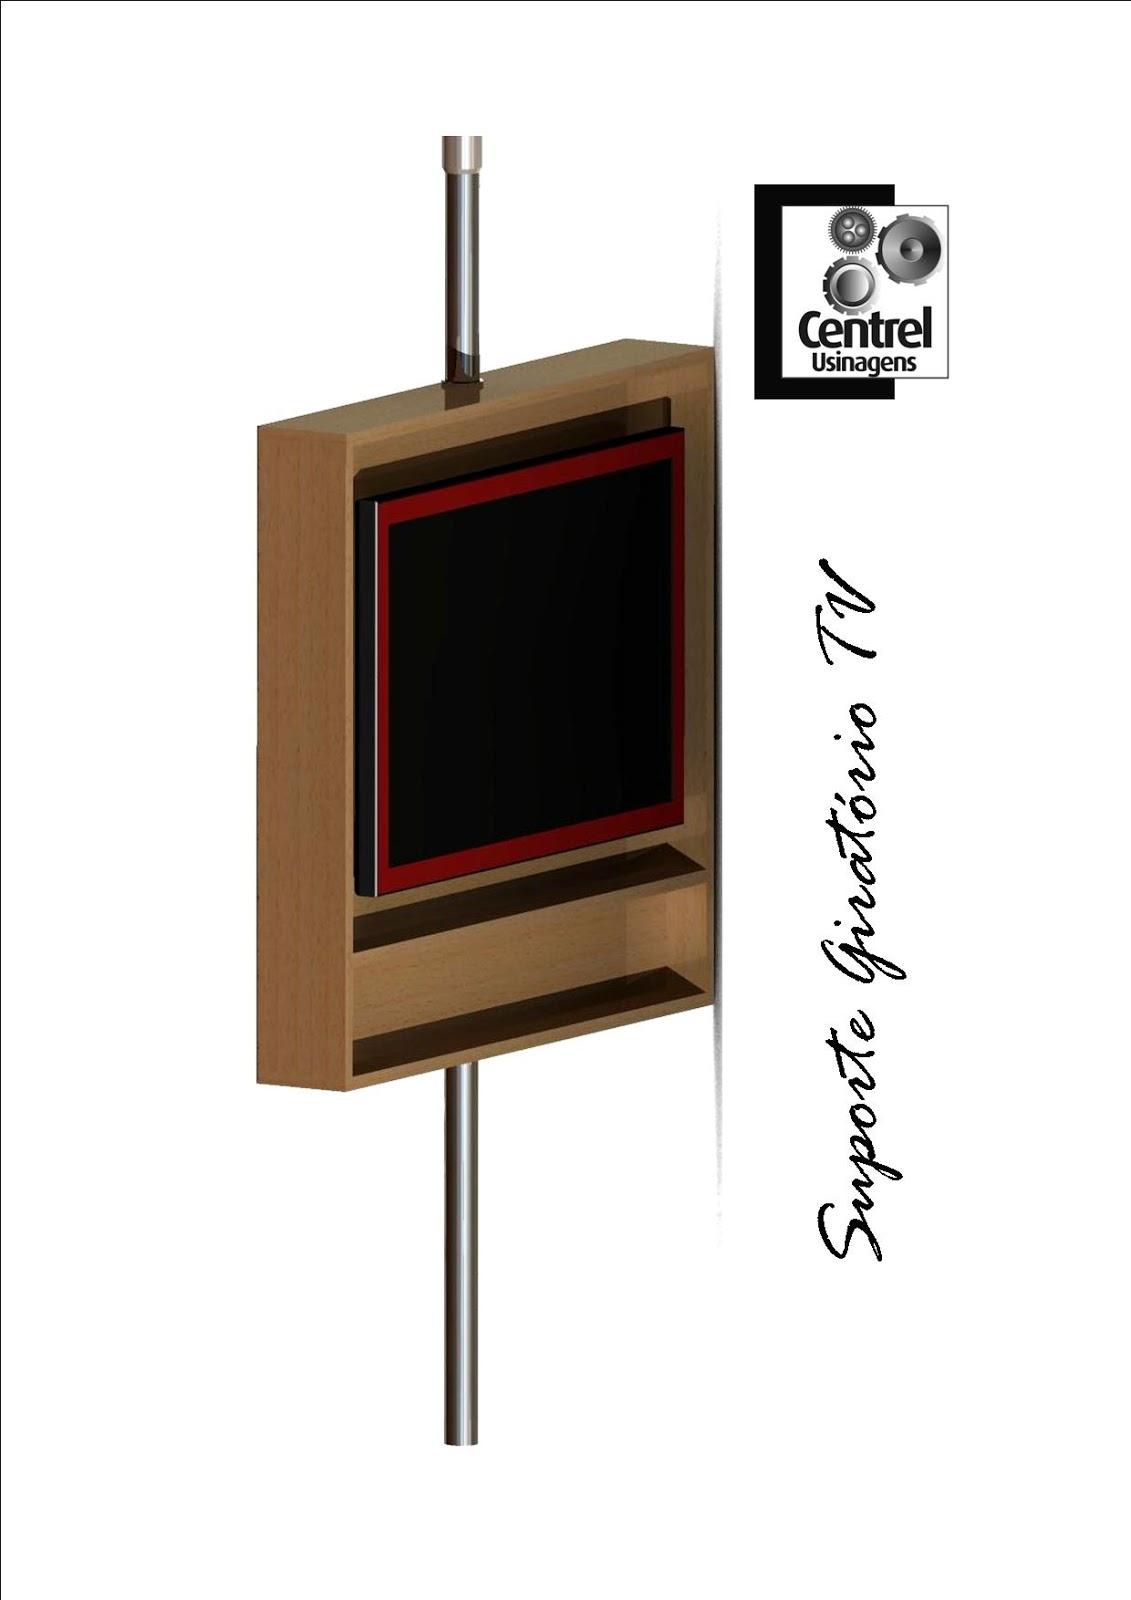 Vindo ao nosso Blog!: Suporte Giratório de TV para caixa de madeira #663525 1131x1600